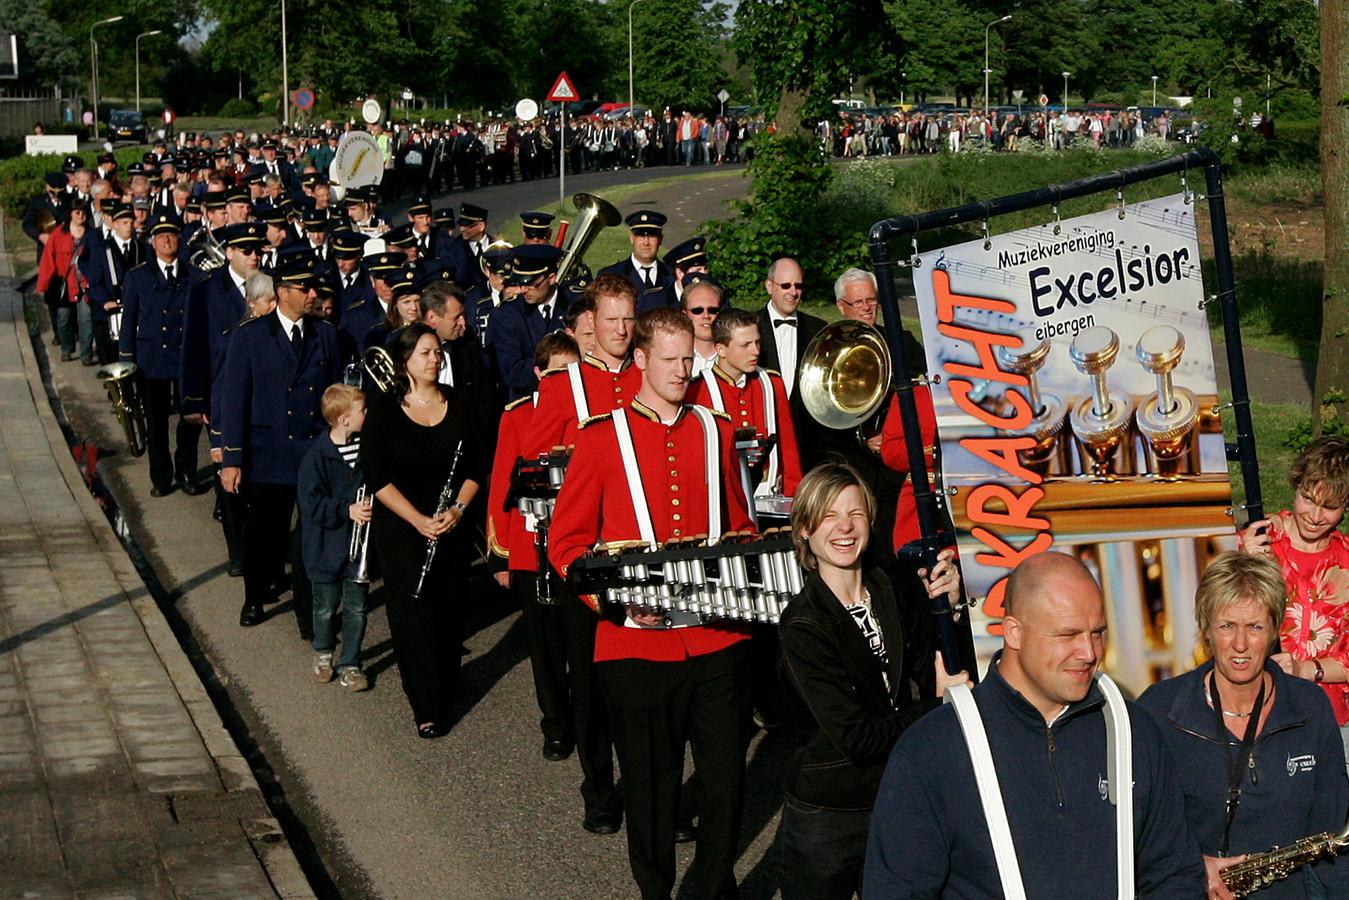 'Het wordt stil in Berkelland', zo was de boodschap van het protest van muziekverenigingen, eerder in Berkelland. Nu moet de cultuursector opnieuw een kwart van het budget inleveren als het aan CDA, VVD en Gemeentebelangen ligt.